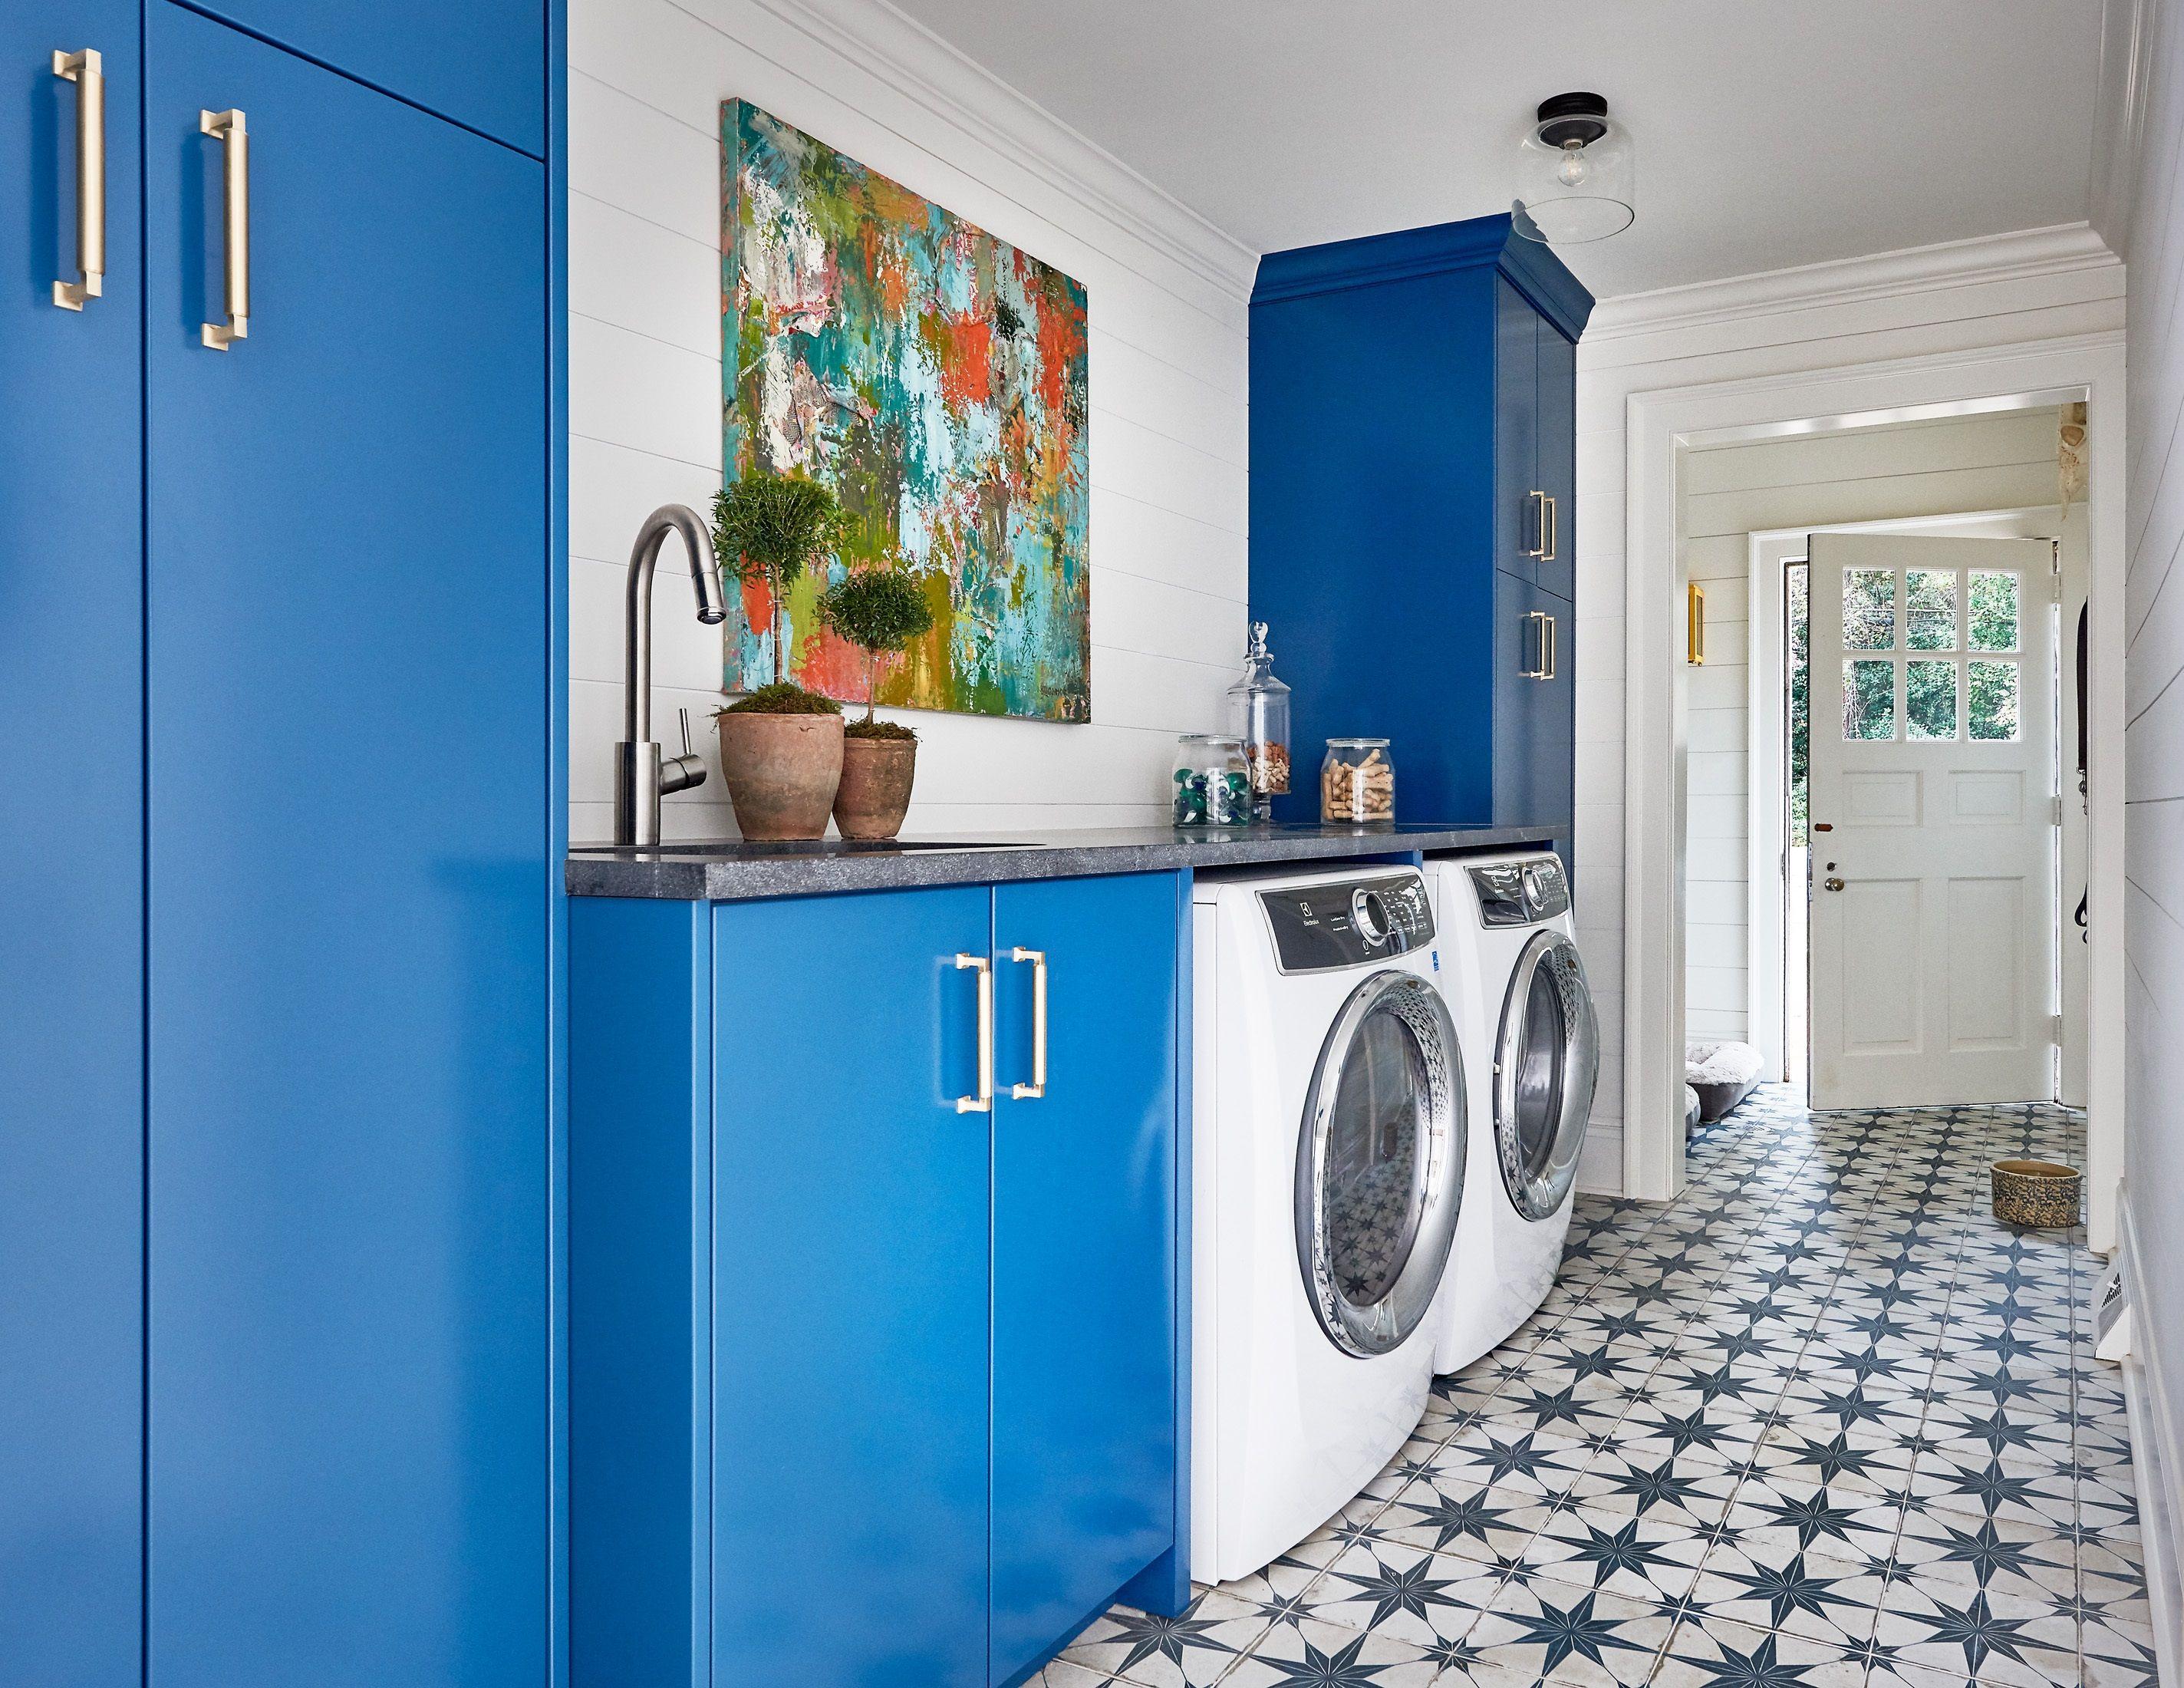 The Vintage Look Of Star Blue Ceramic Tile Effortlessly Brings Out